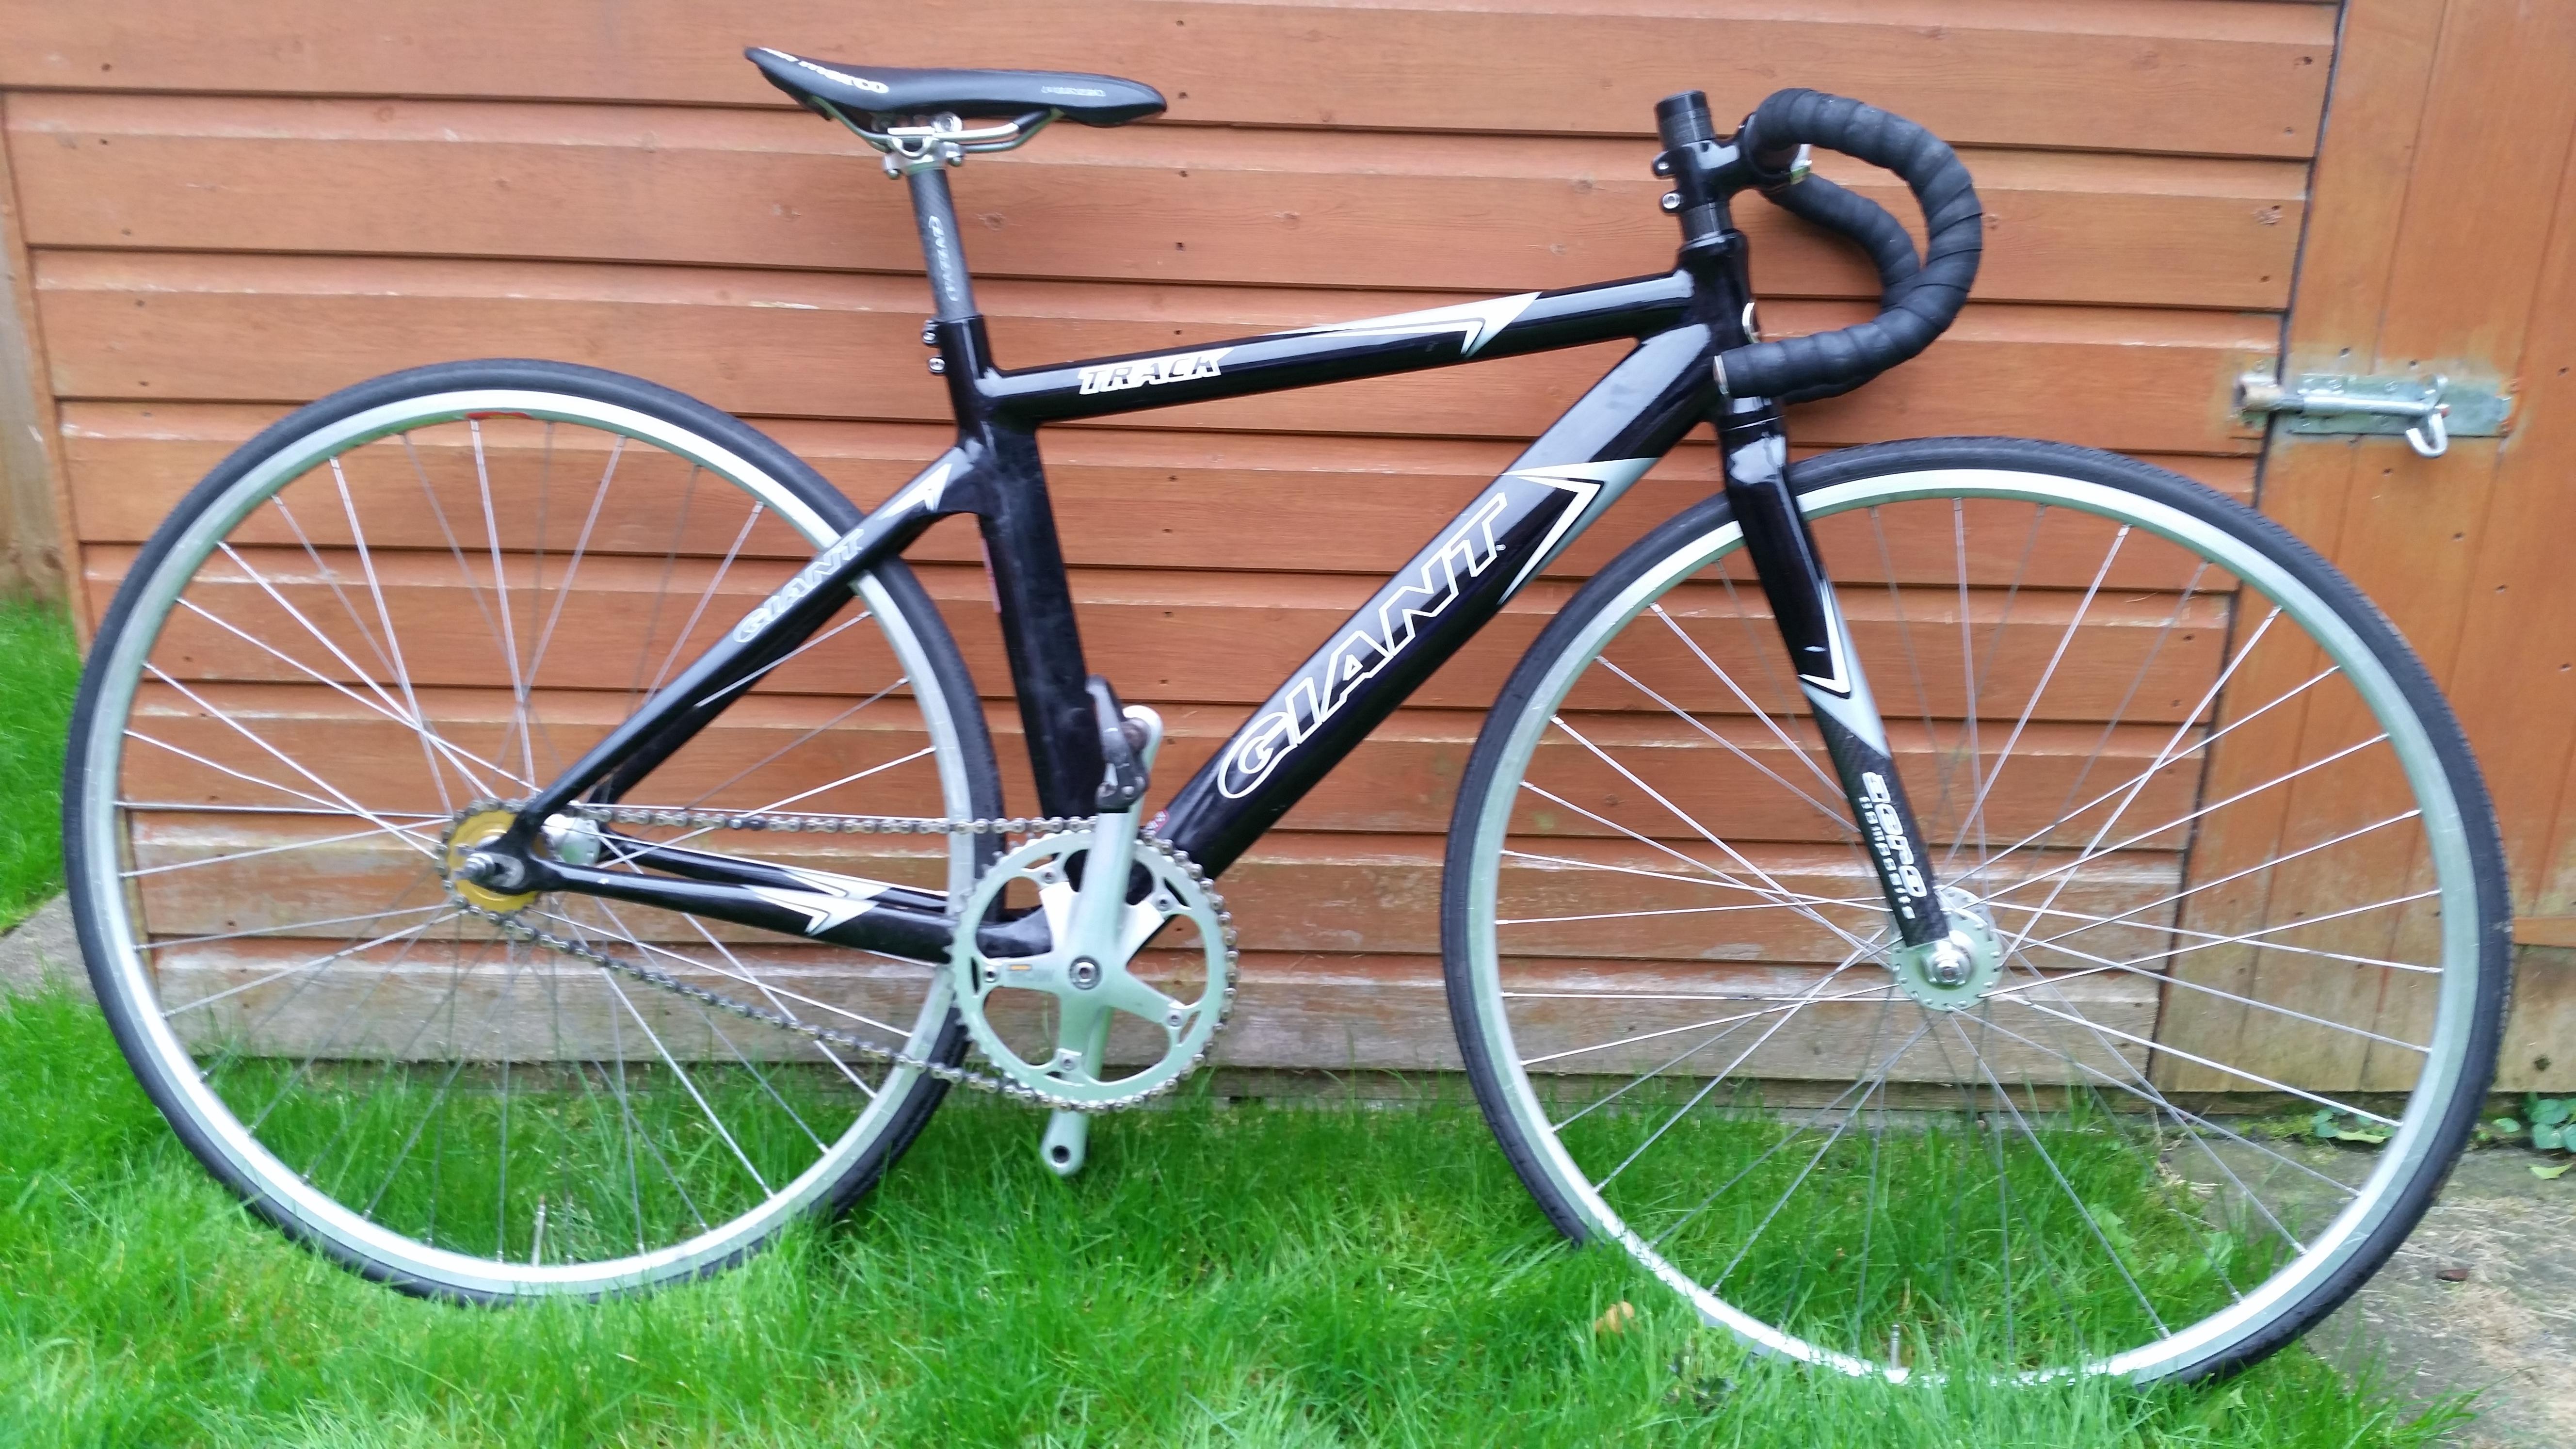 Giant track bike – Welwyn Wheelers